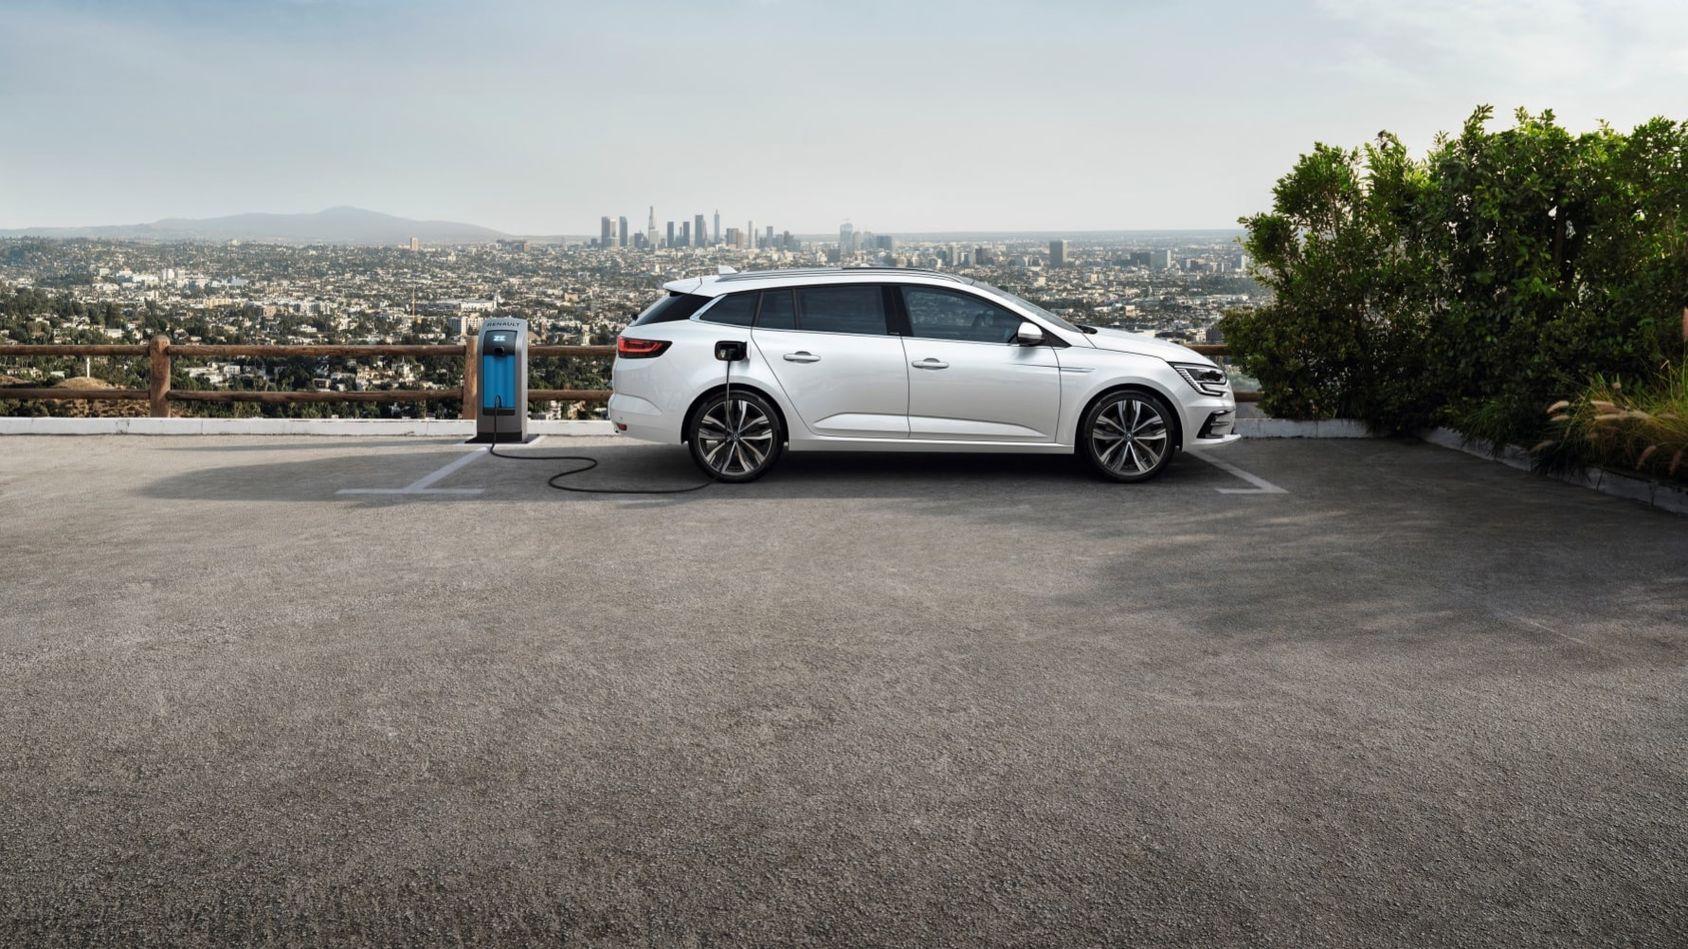 Nya Renault Mégane som laddhybrid börjar säljas